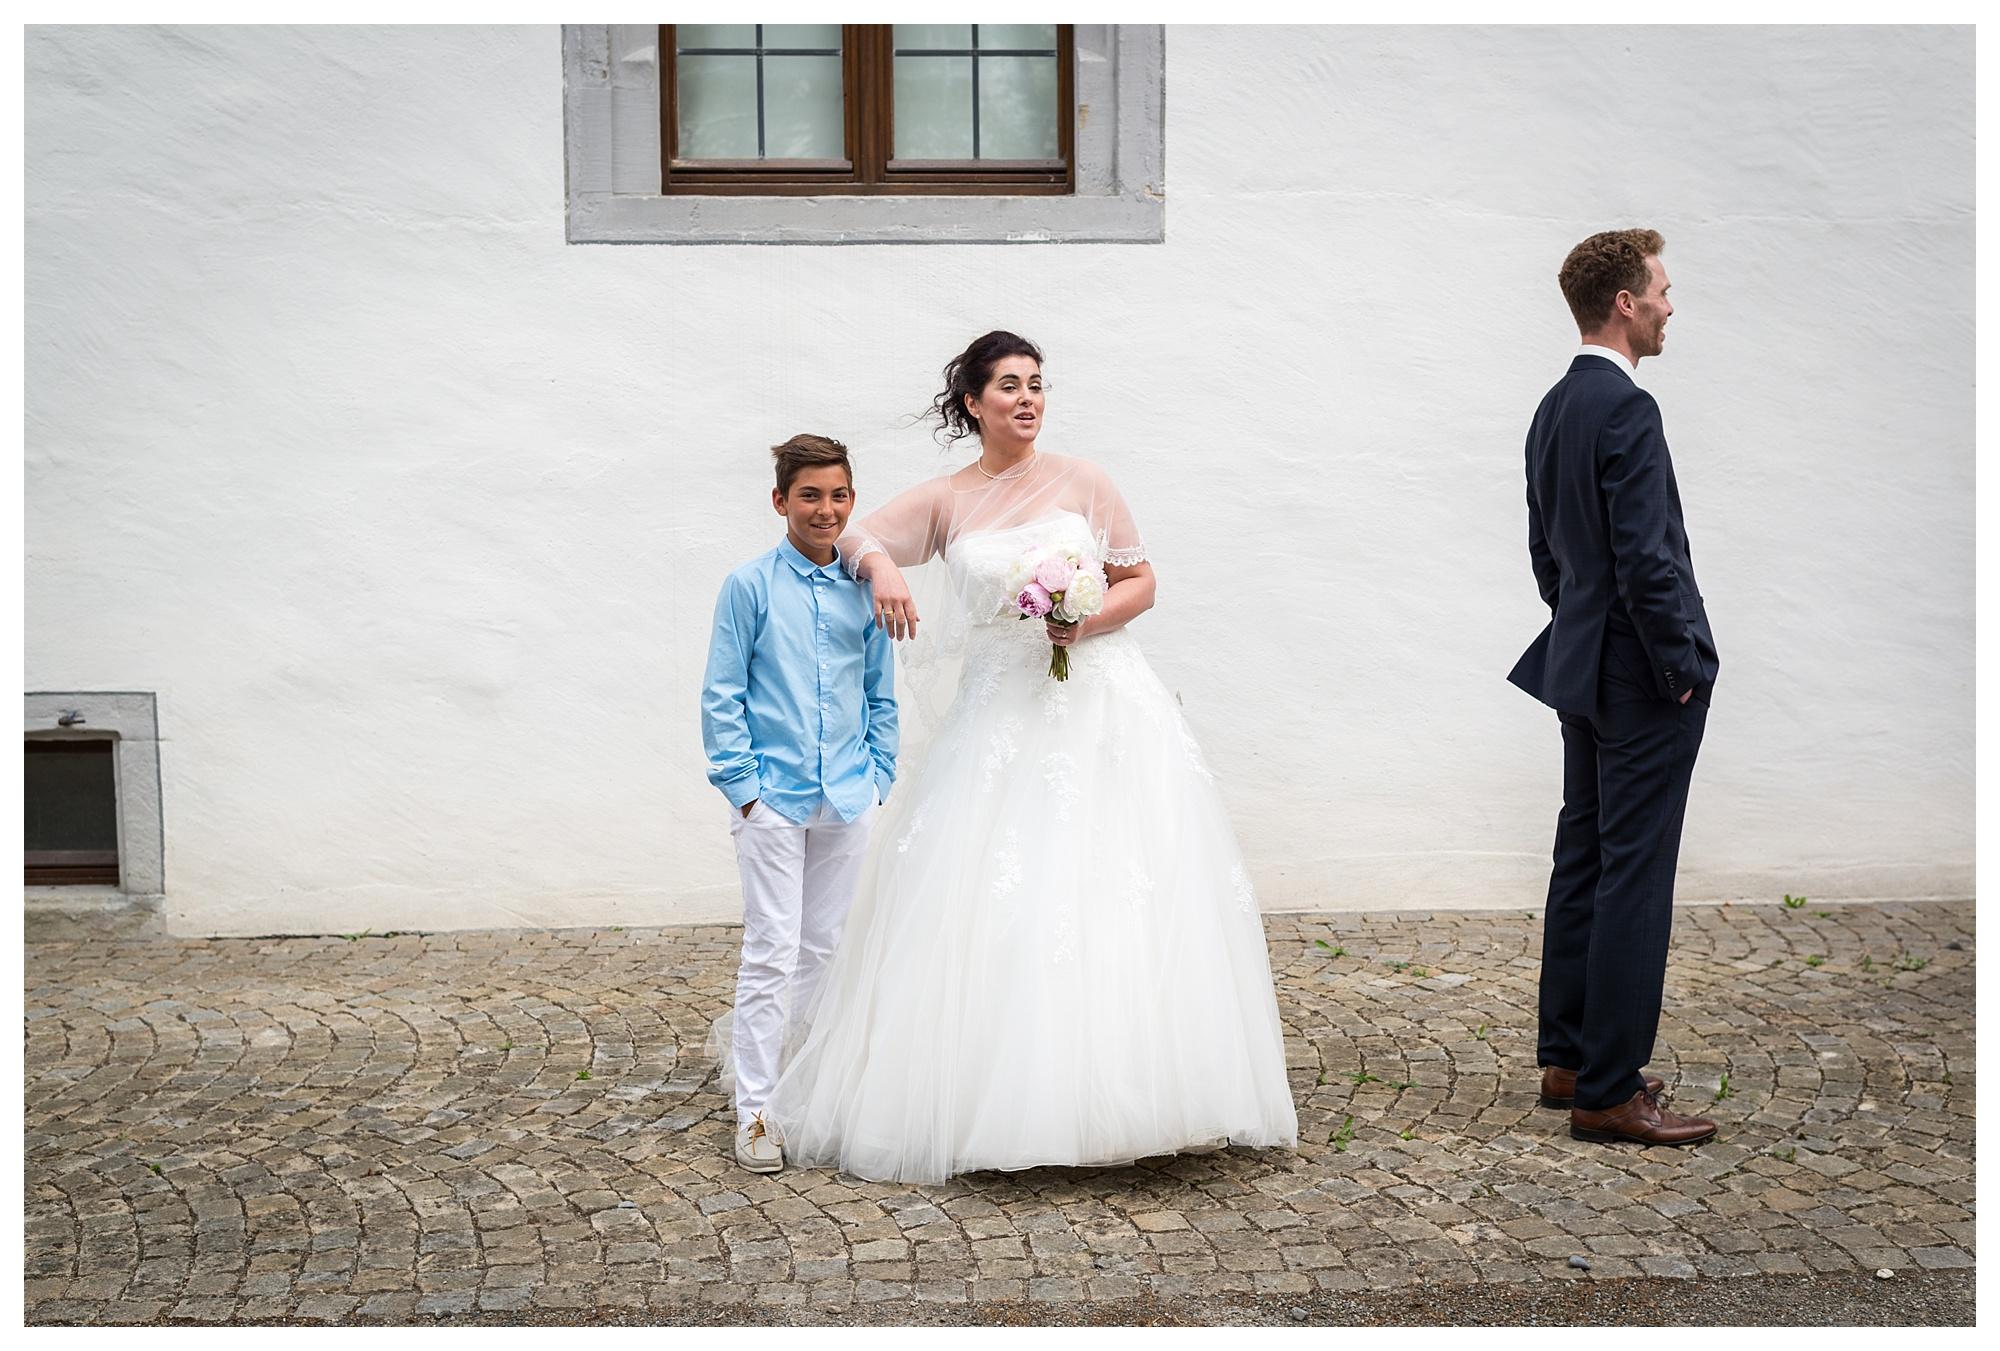 Fotograf Konstanz - Hochzeit Tanja Elmar Elmar Feuerbacher Photography Konstanz Messkirch Highlights 090 - Hochzeitsreportage von Tanja und Elmar im Schloss Meßkirch  - 86 -